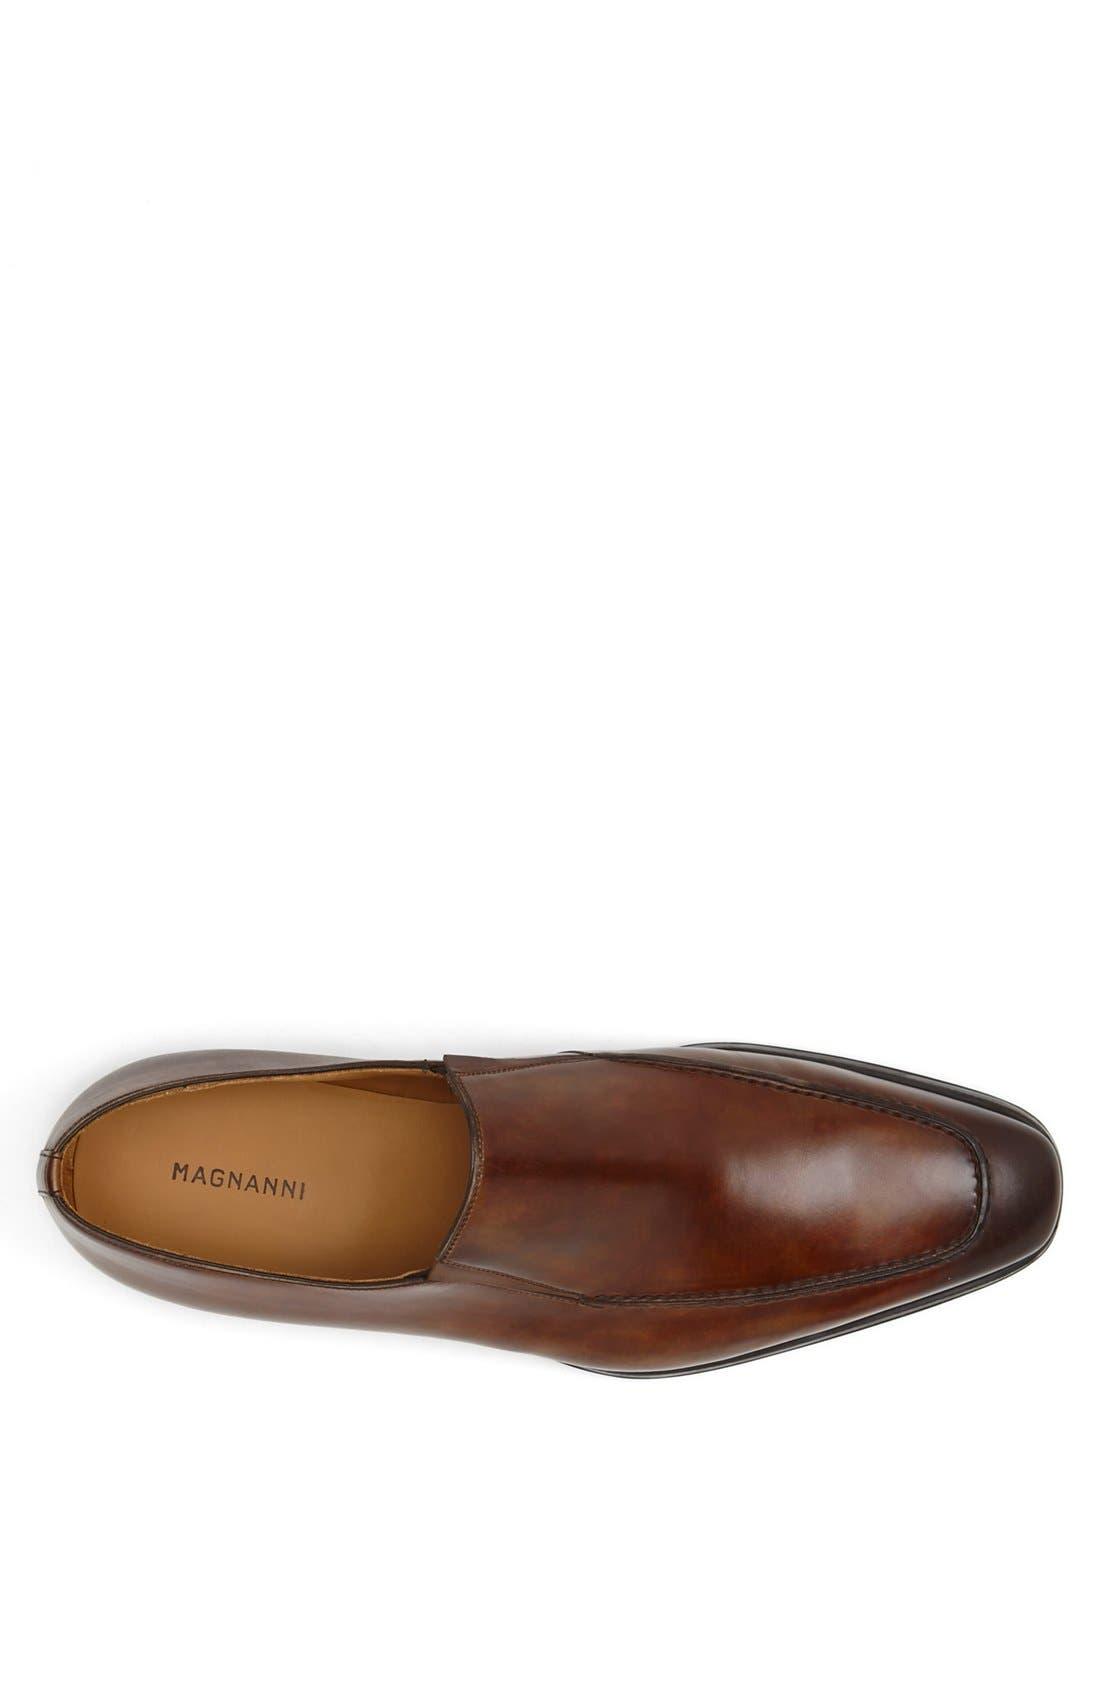 Alternate Image 3  - Magnanni 'Leo' Venetian Loafer